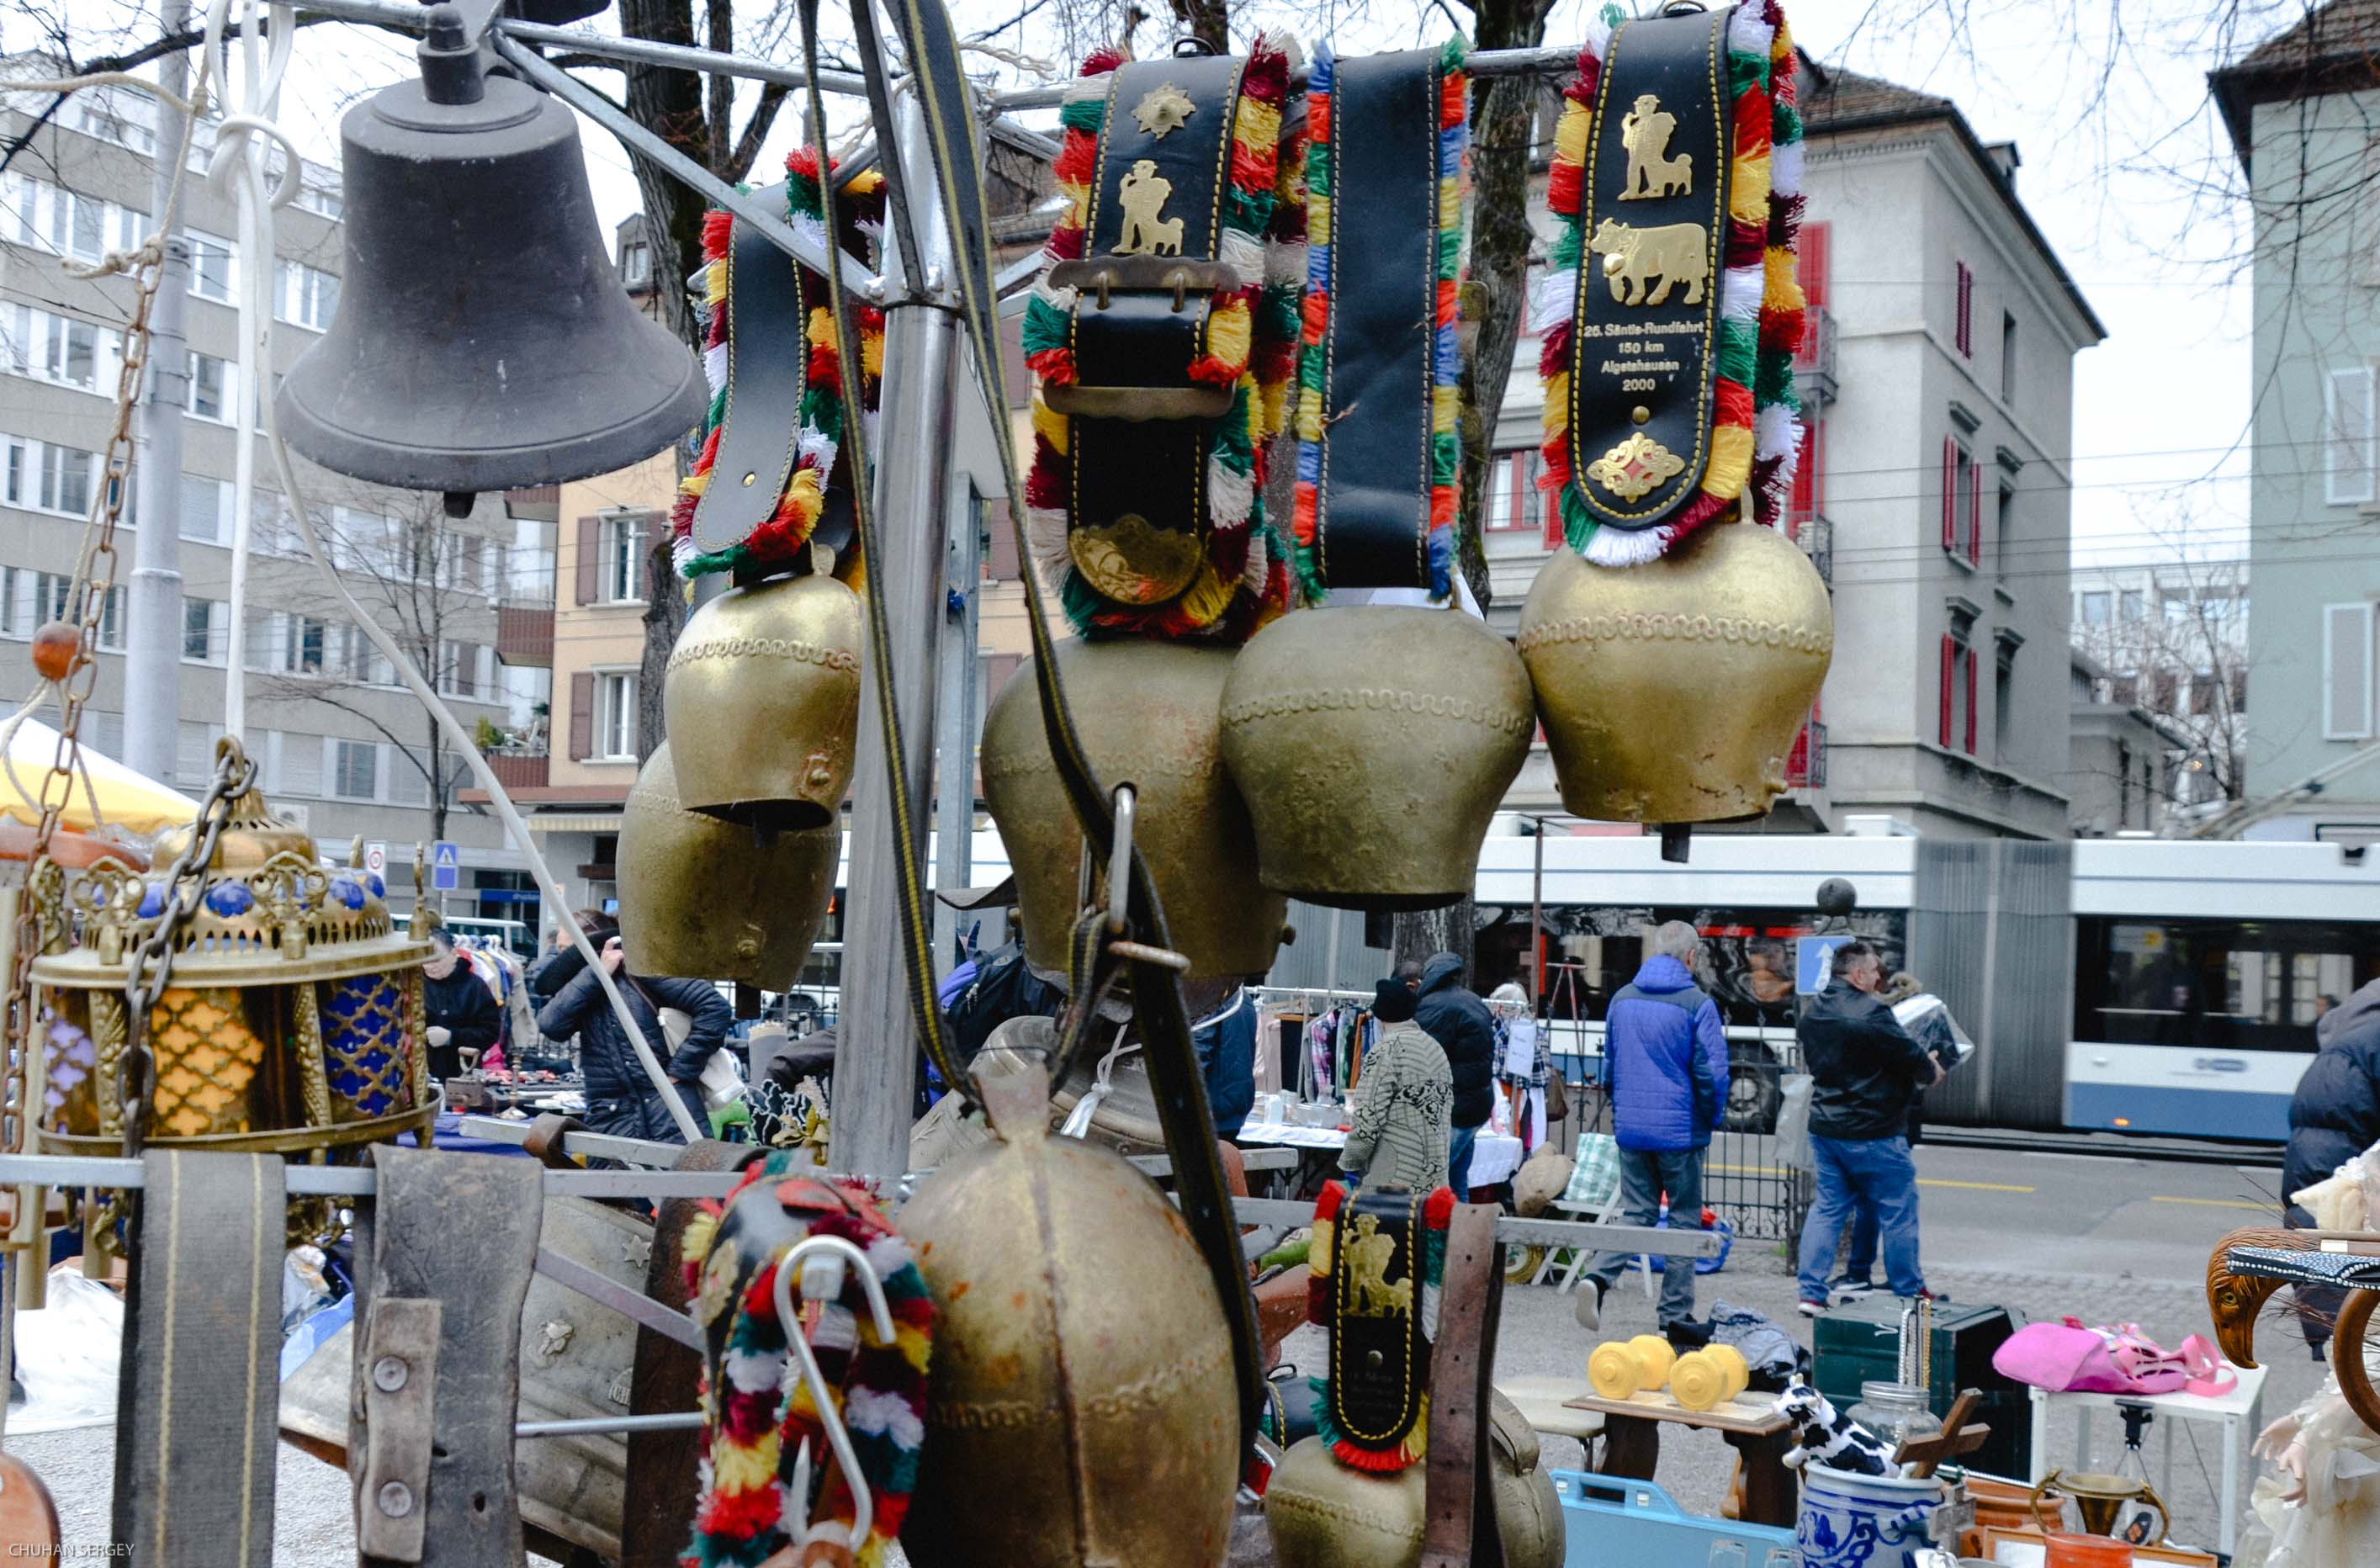 Канцлай или блошиный рынок Цюриха